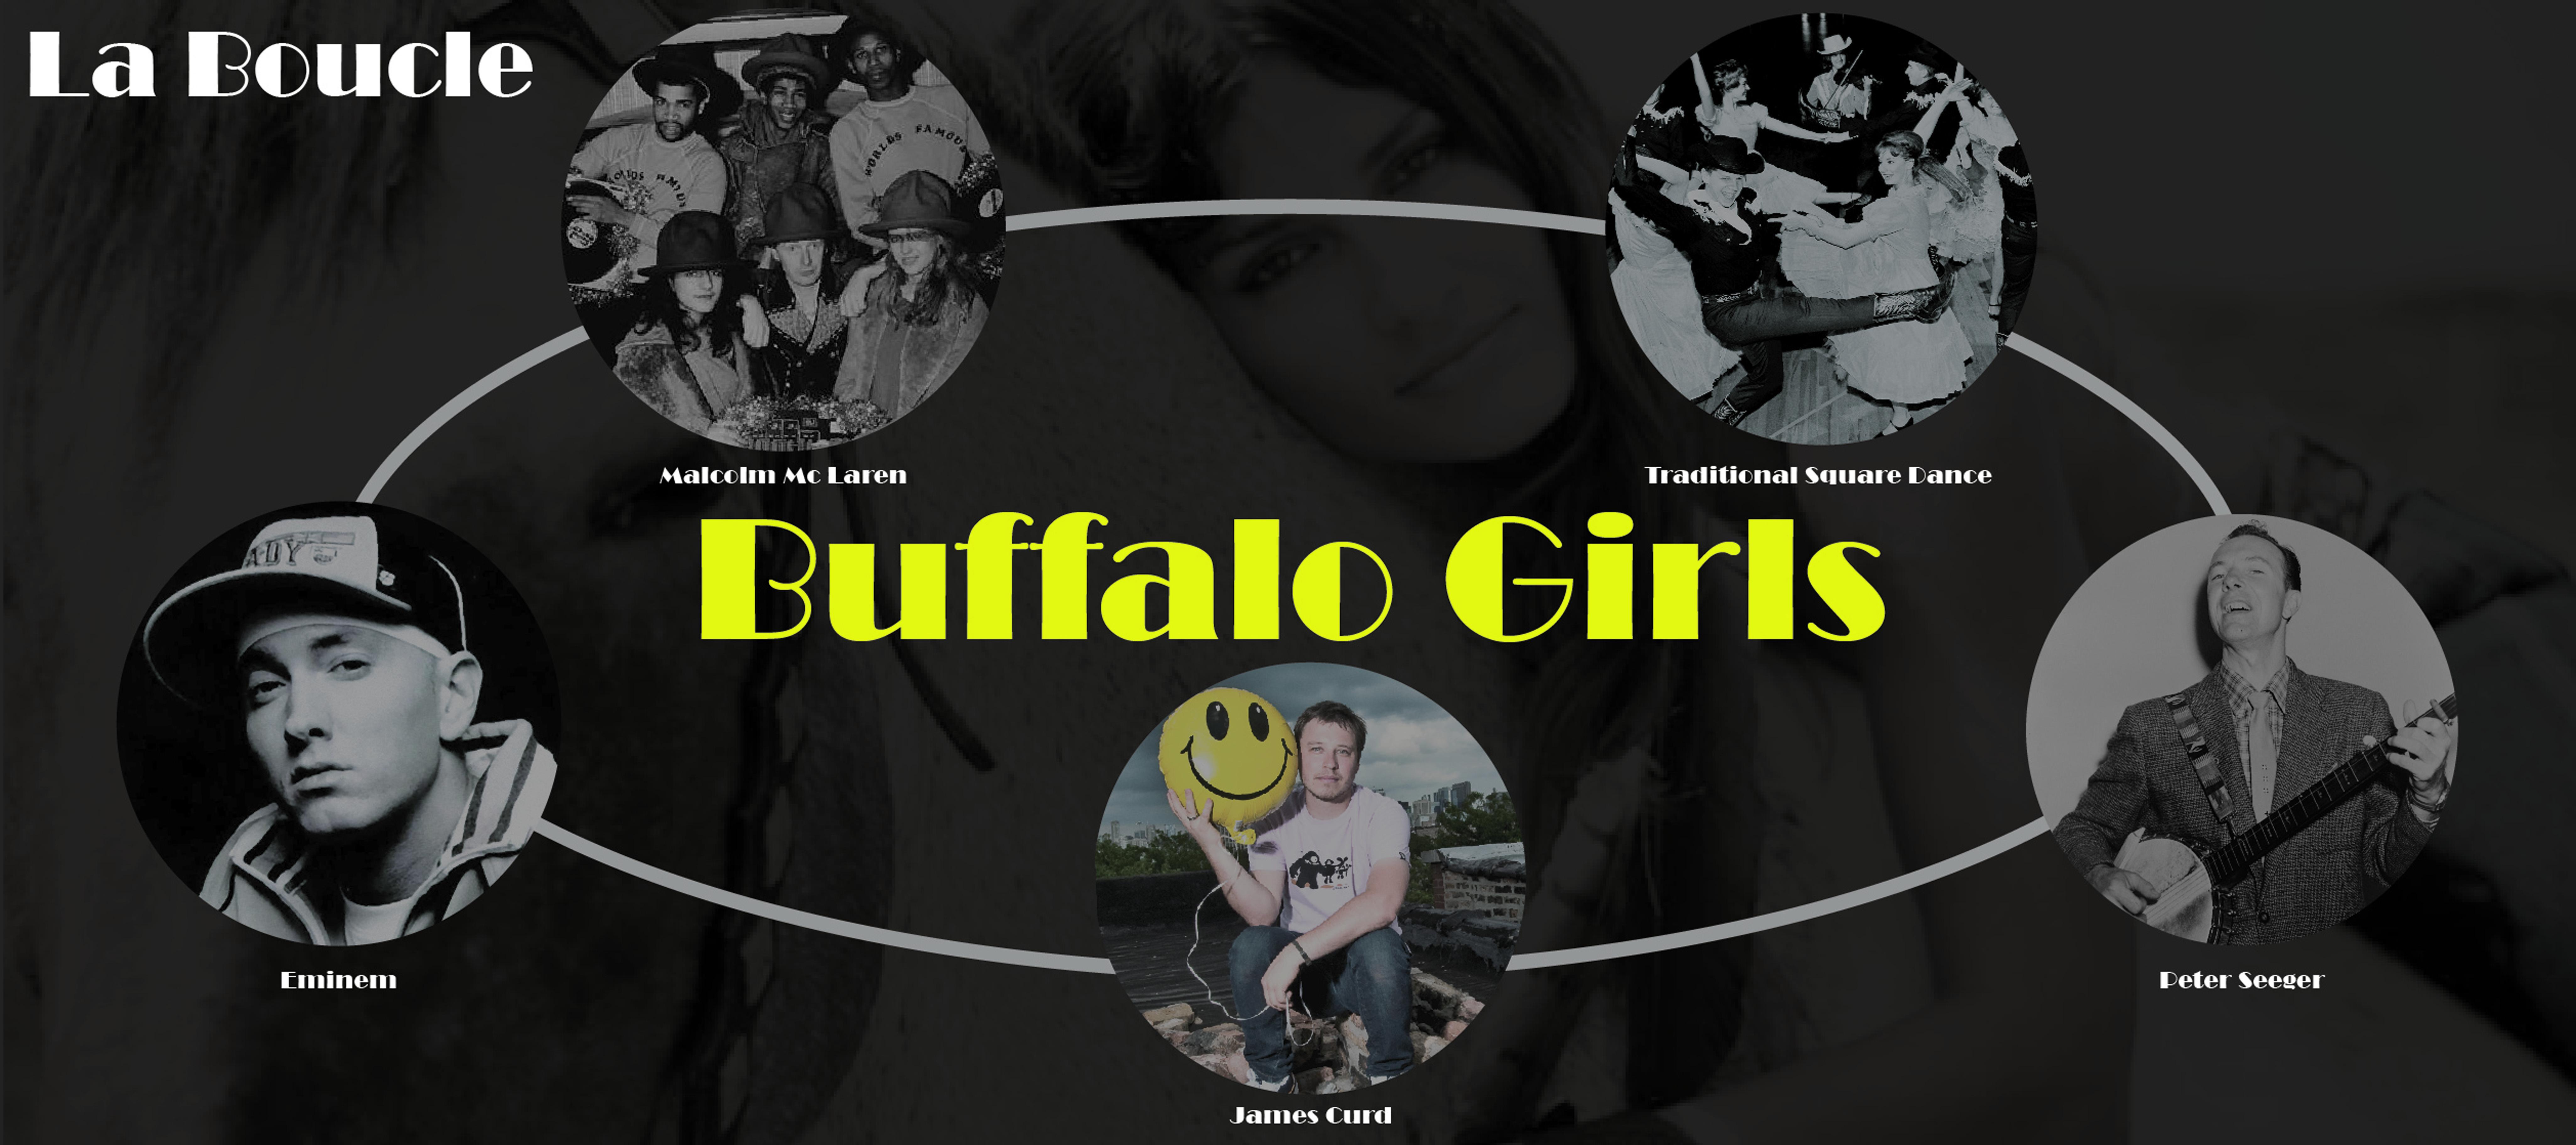 La Boucle – Buffalo Girls